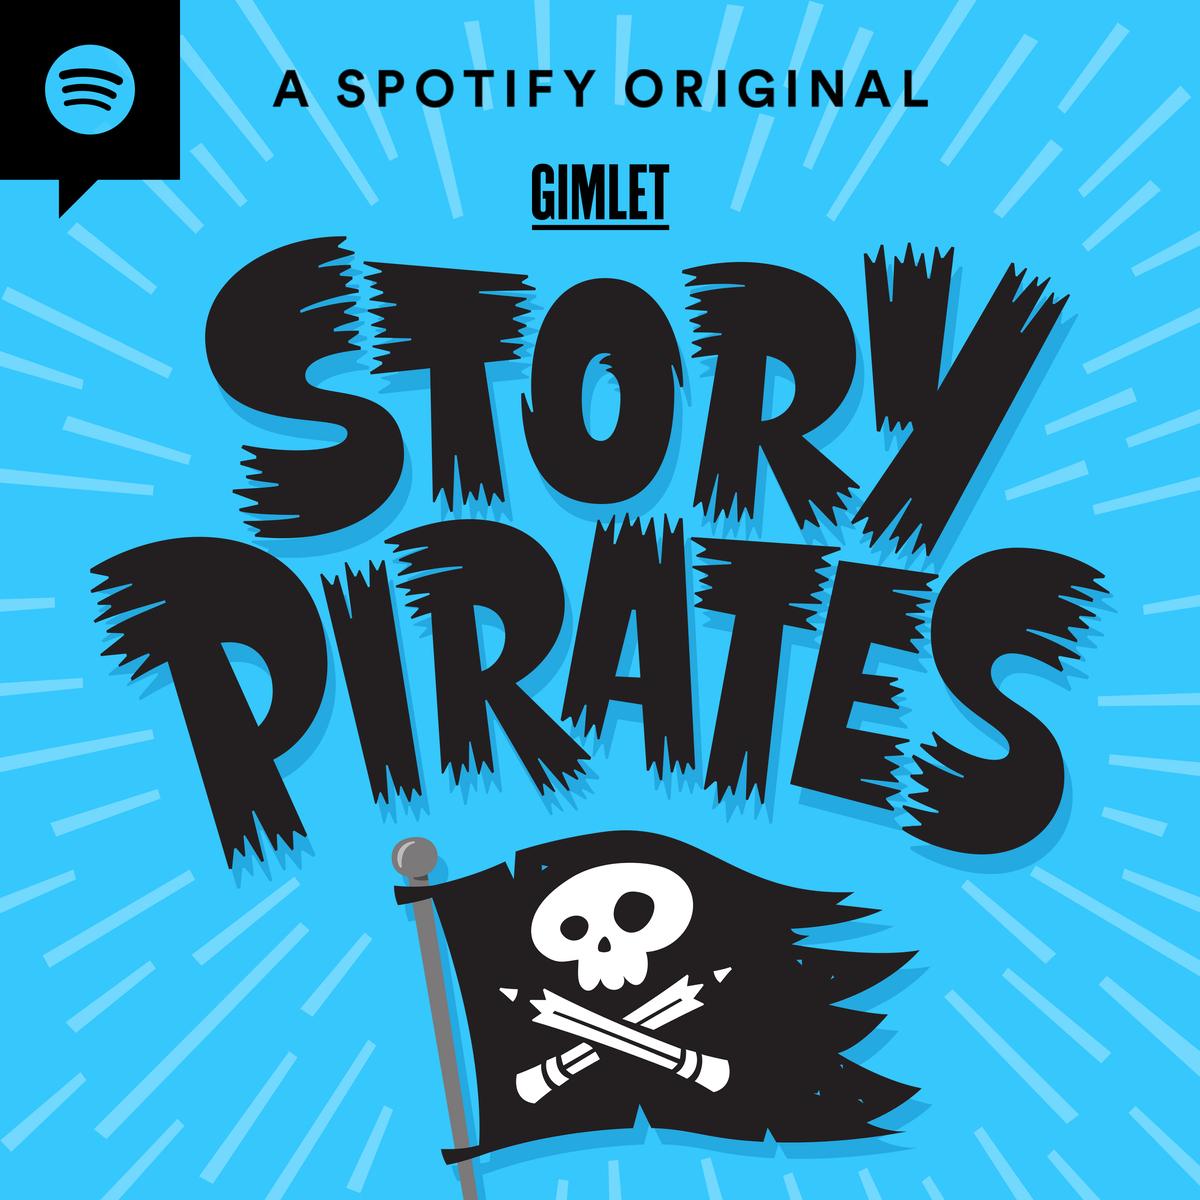 Show artwork for Story Pirates